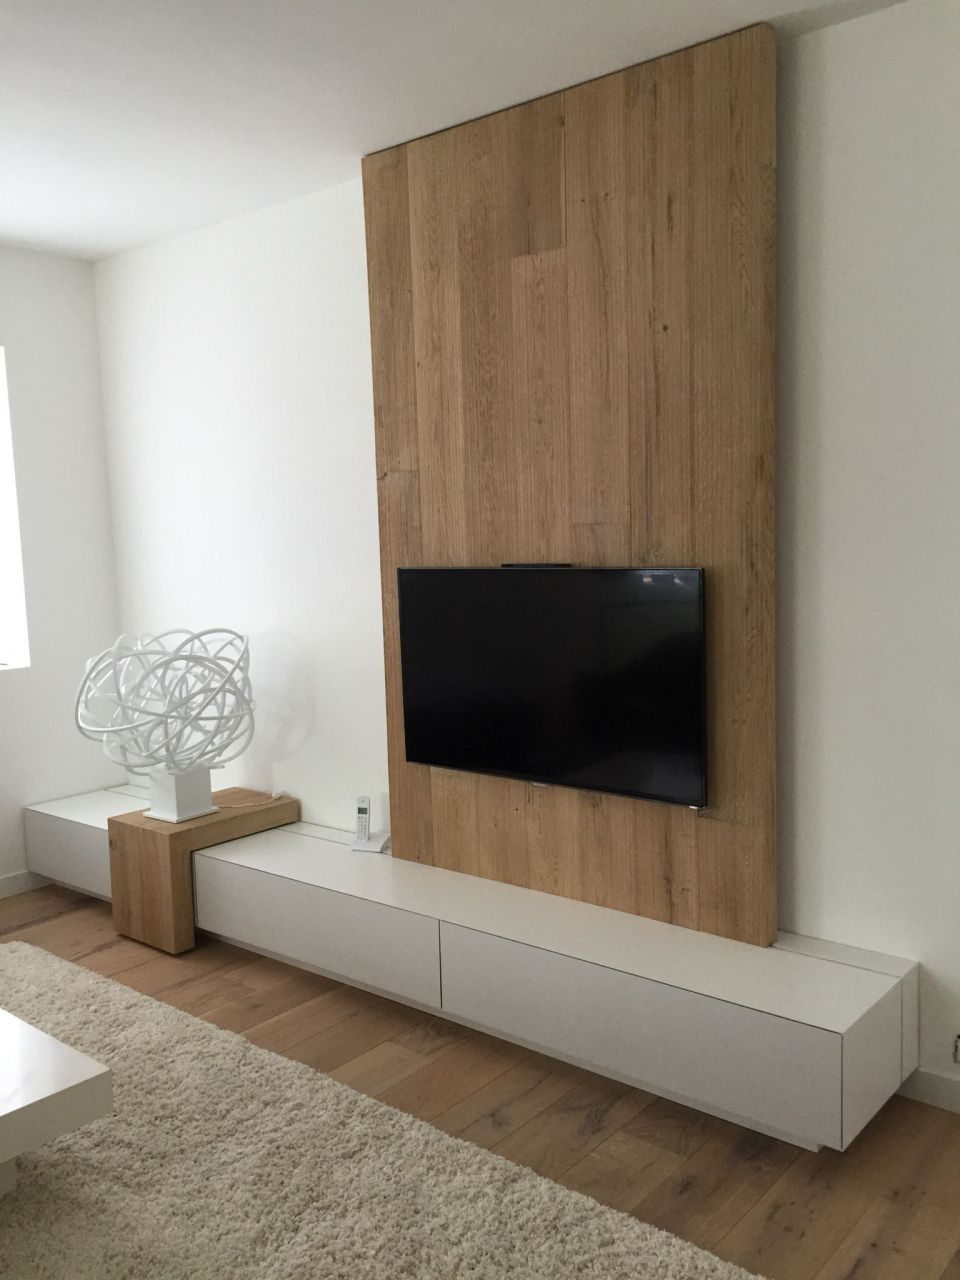 16 Meubles Md Juin 16 en 16  Idée meuble tv, Mobilier de